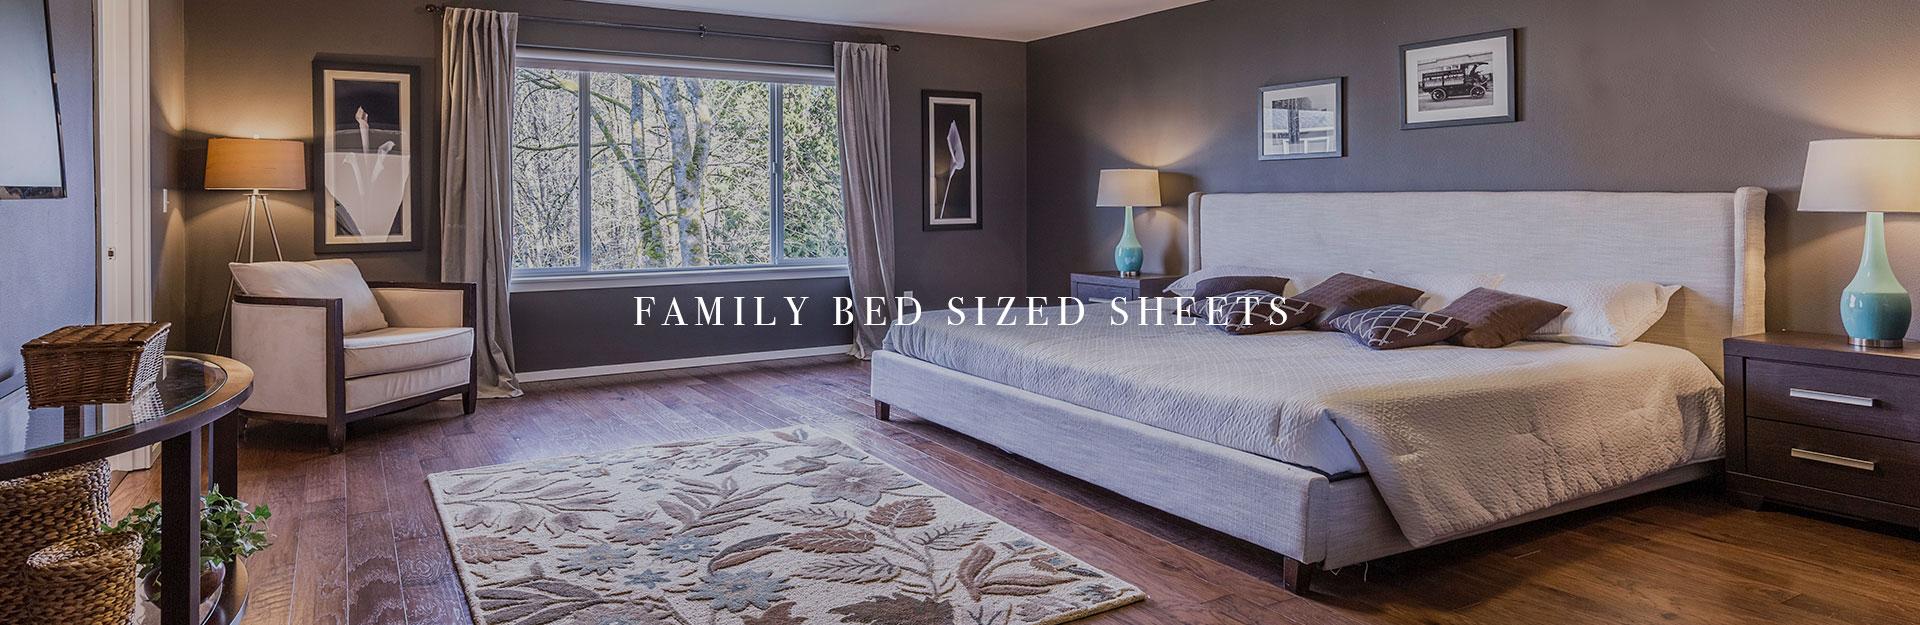 abh-family-bedbanner.jpg